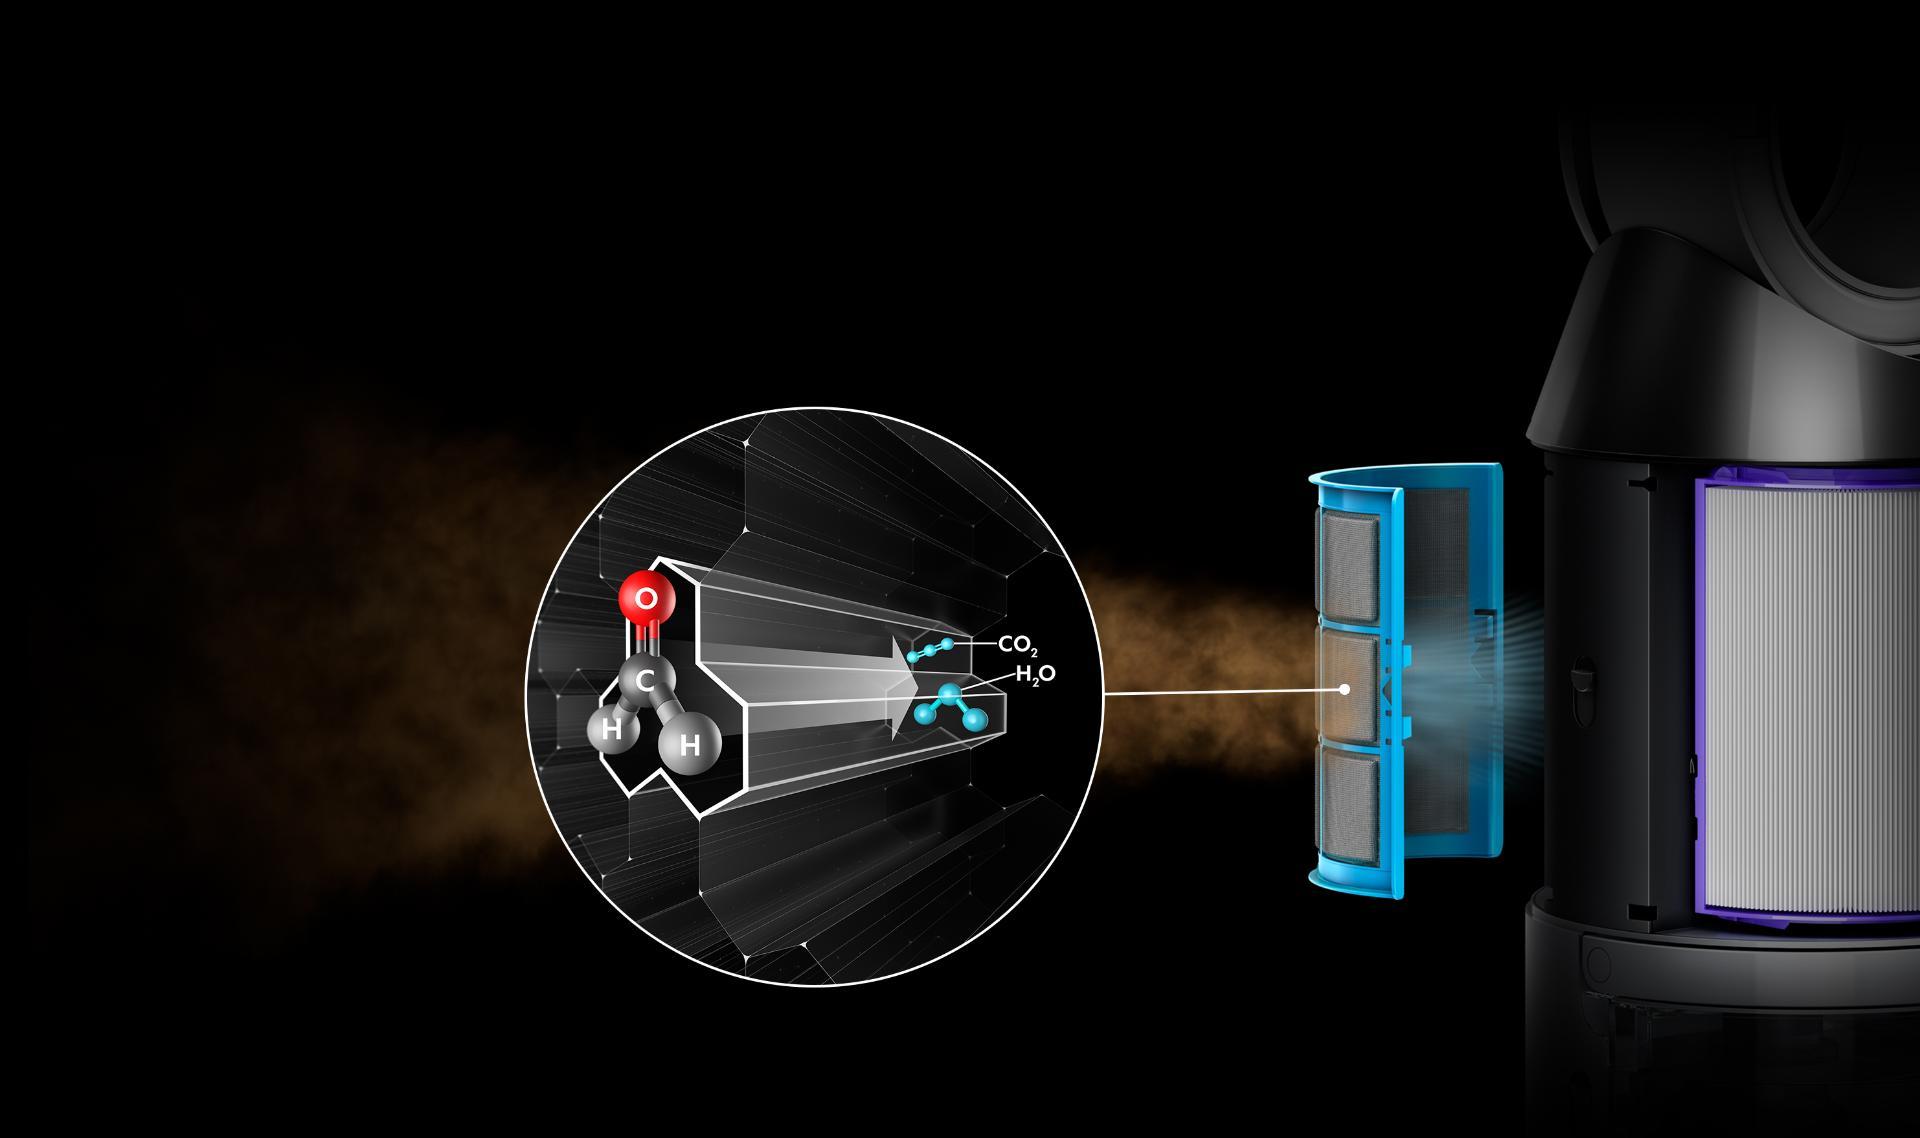 Un purificador y humidificador Dyson Cryptomic con un acercamiento extremo de uno de los túneles nanoscópicos dentro de la tecnología de filtro, destruyendo partículas de formaldehído